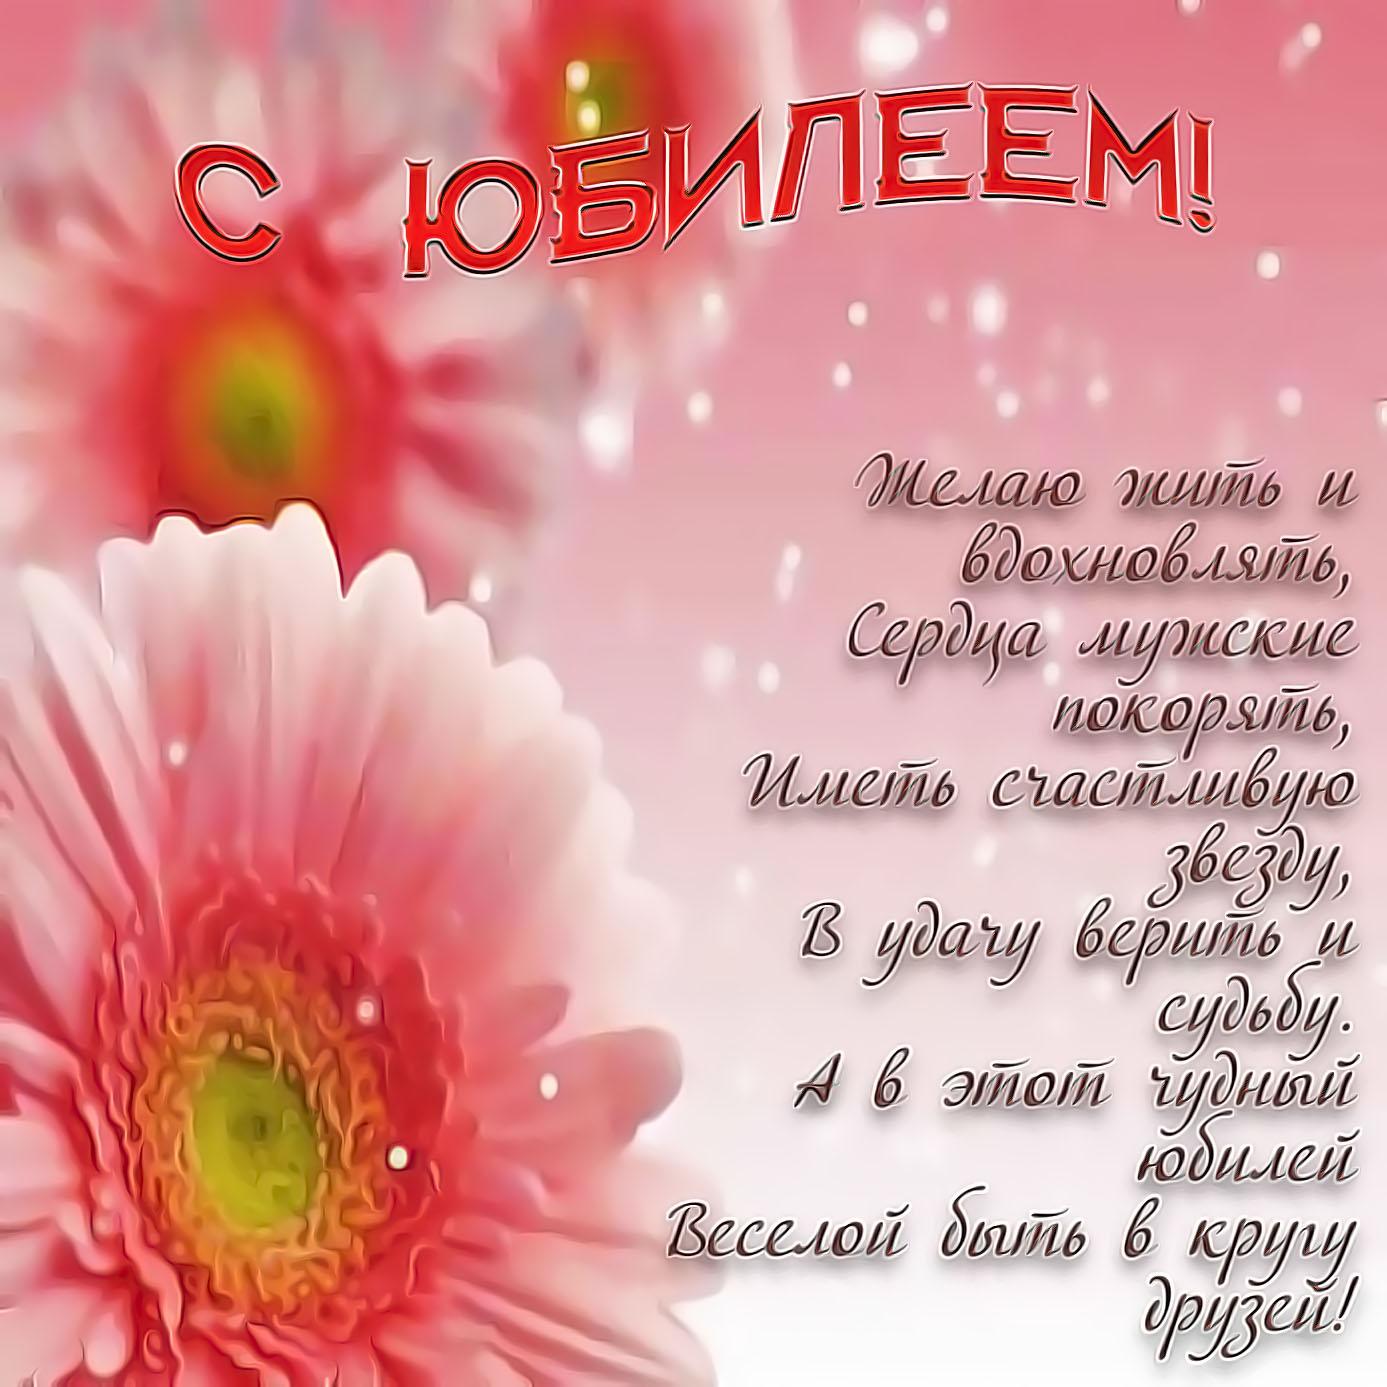 Открытка с цветами на юбилей женщине